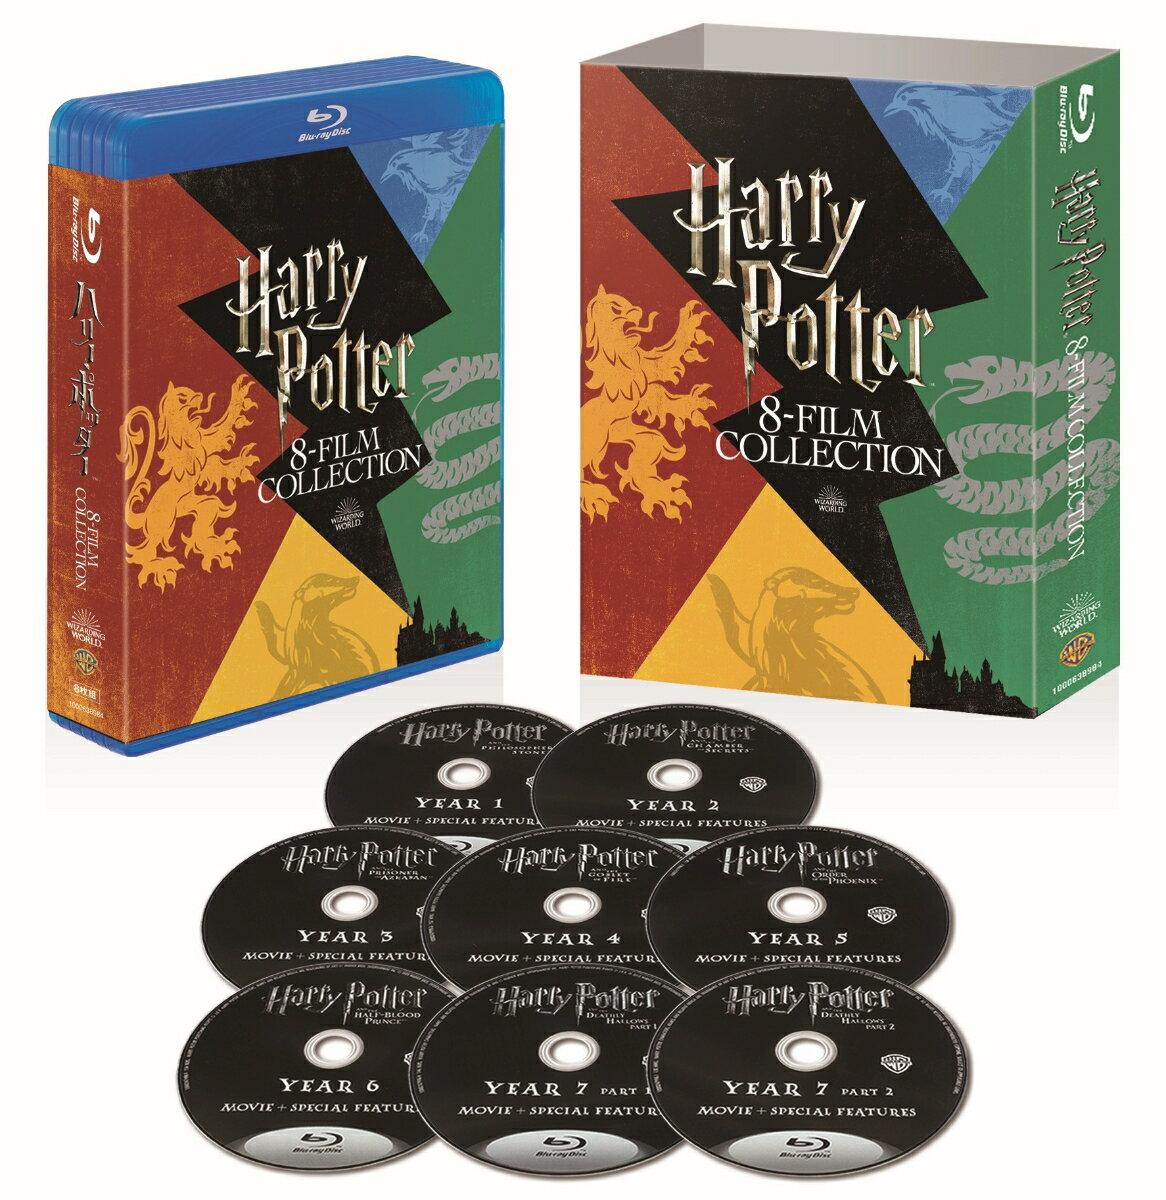 ハリー・ポッター 8-Film Set(バック・トゥ・ホグワーツ仕様)(初回限定生産)【Blu-ray】